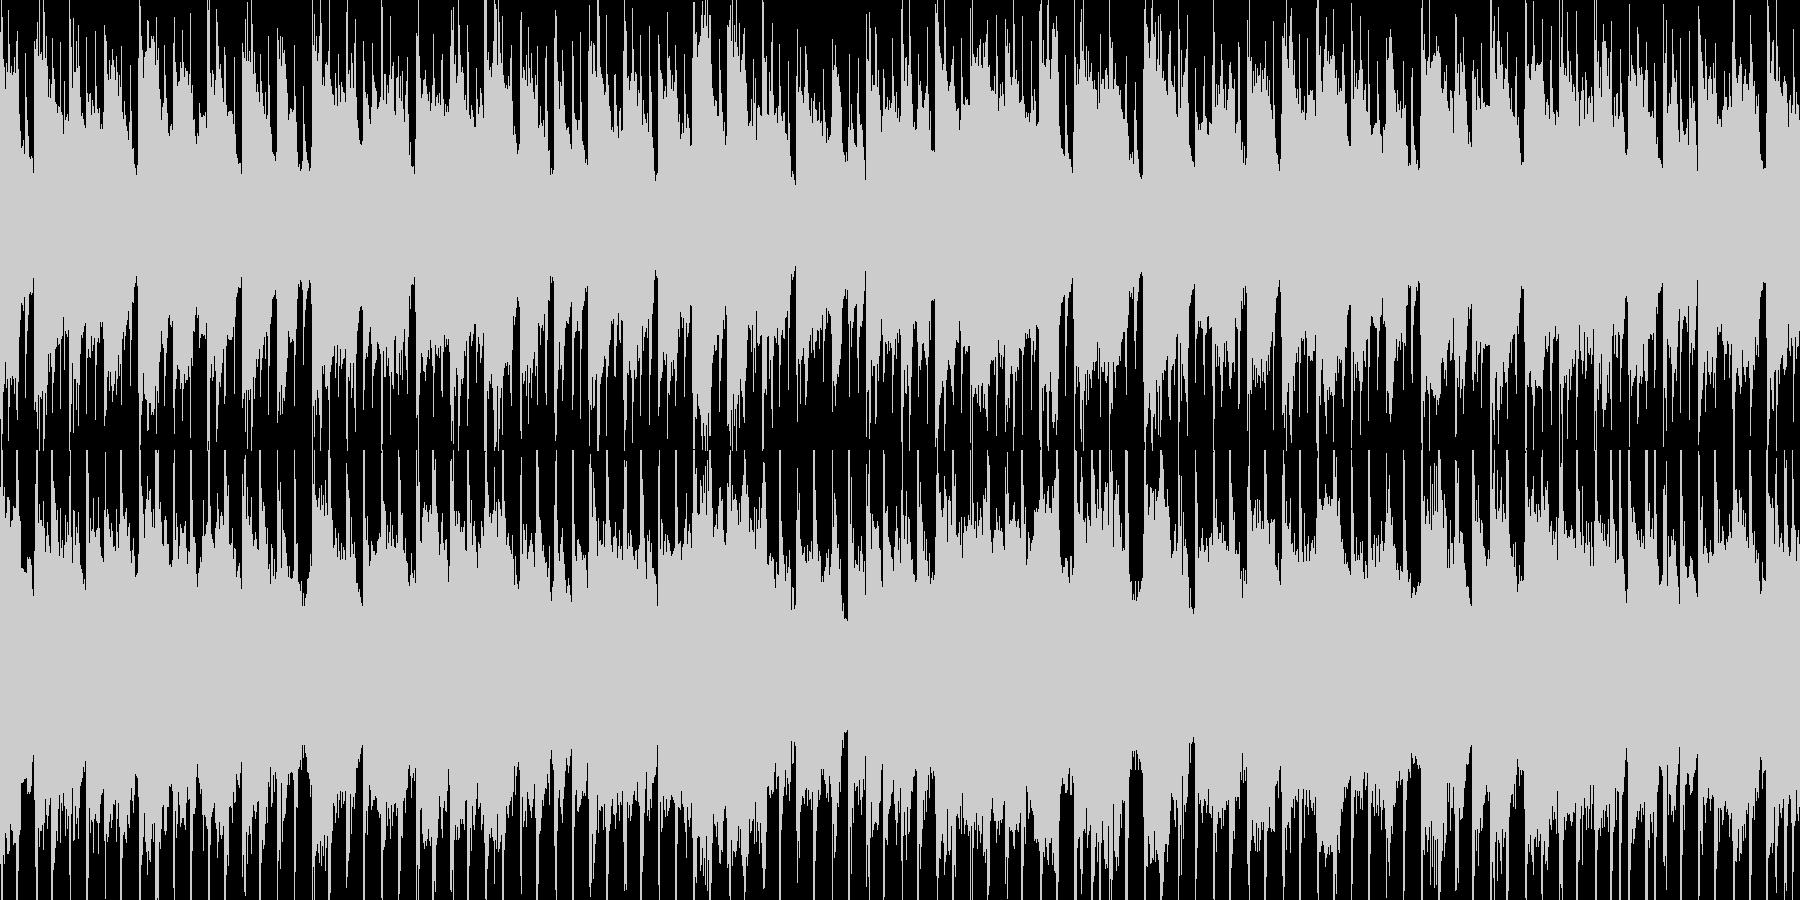 ループ素材 カントリー・バンジョー・西部の未再生の波形